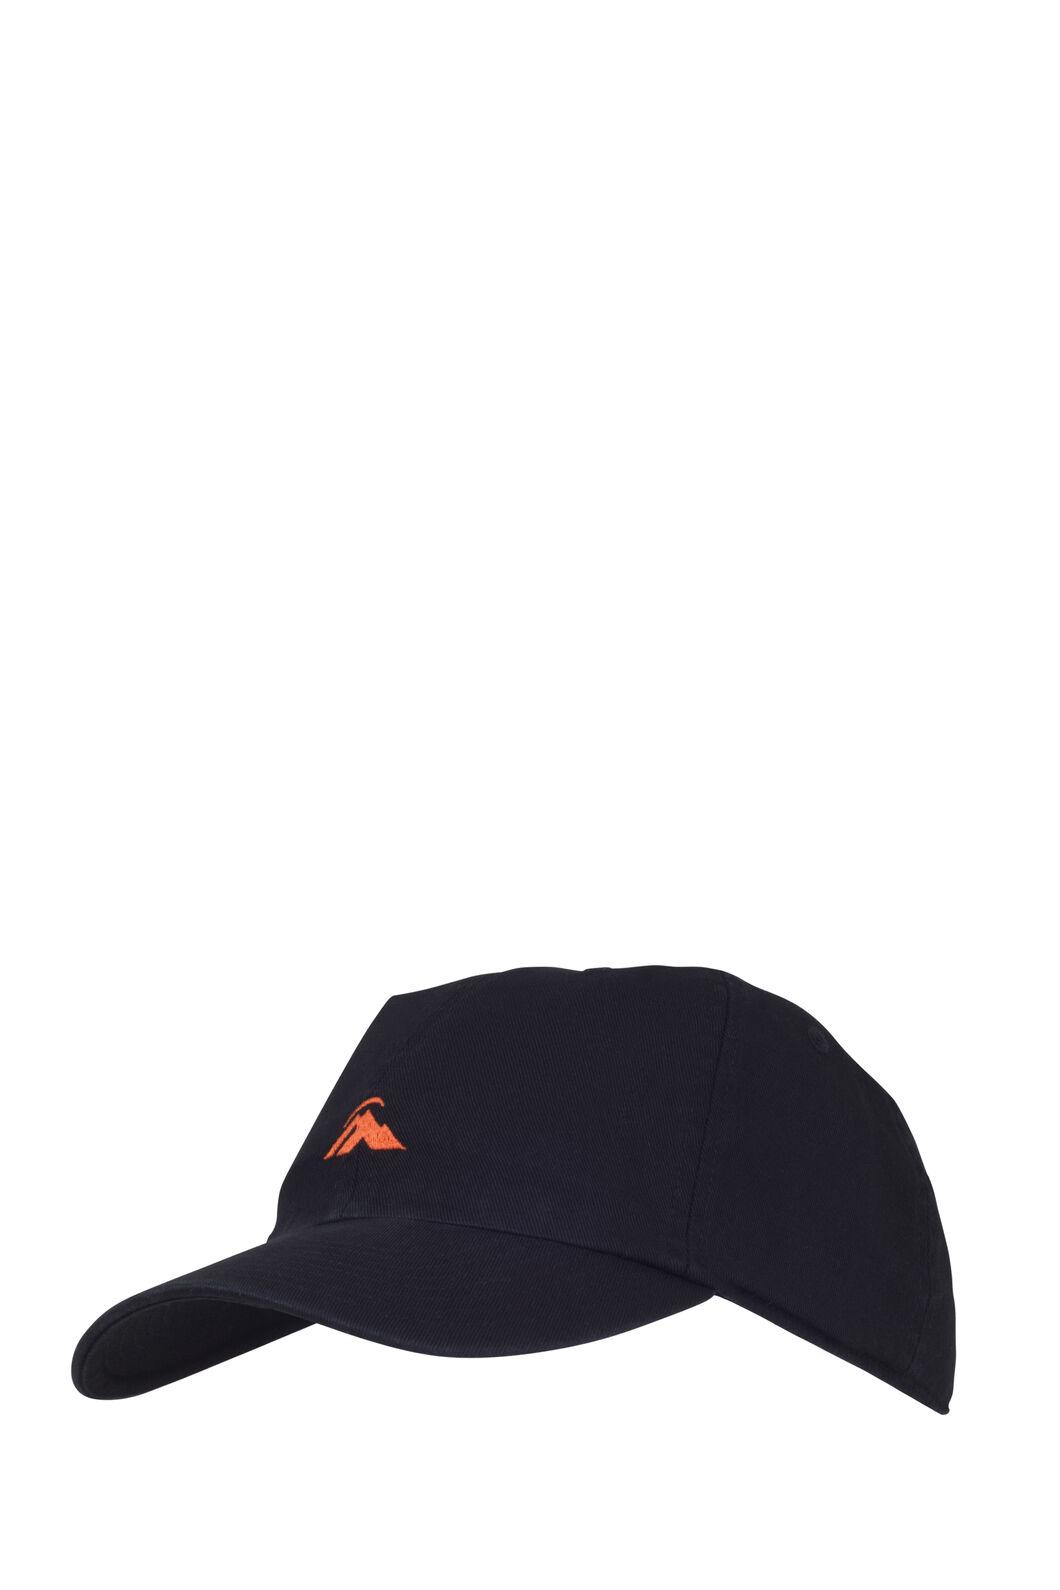 Macpac Vintage Cap, Black/Spicy Orange, hi-res